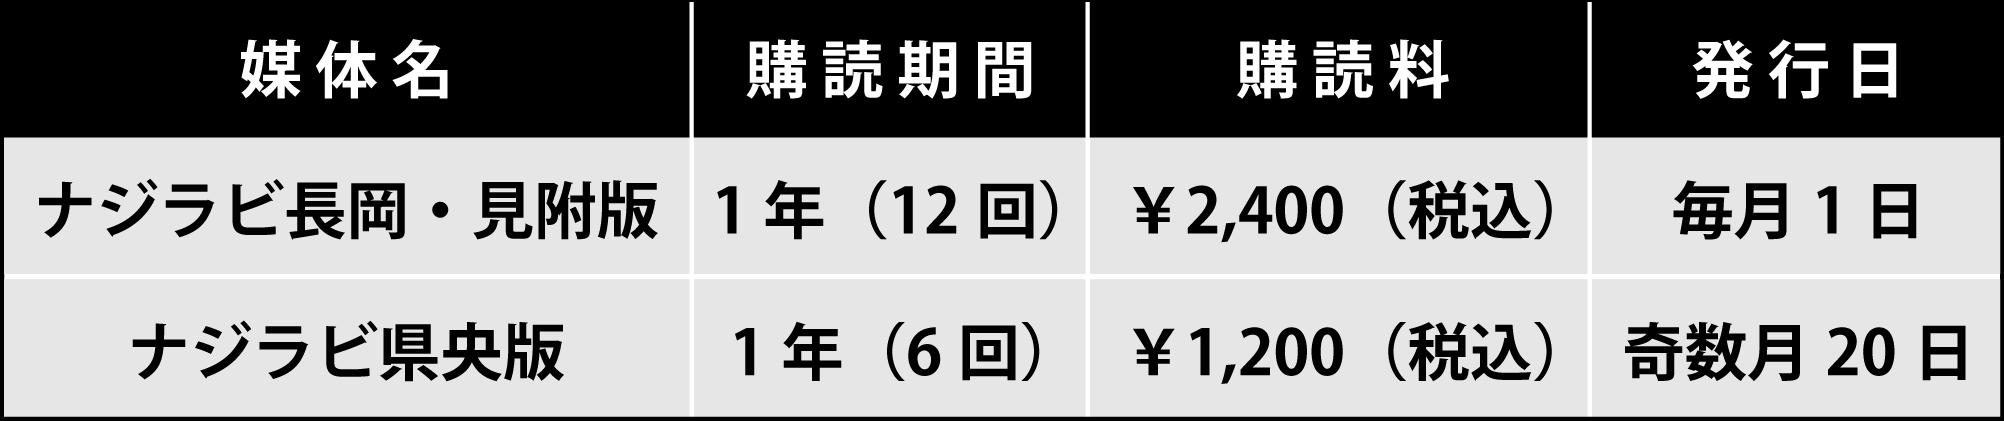 定期購読_表